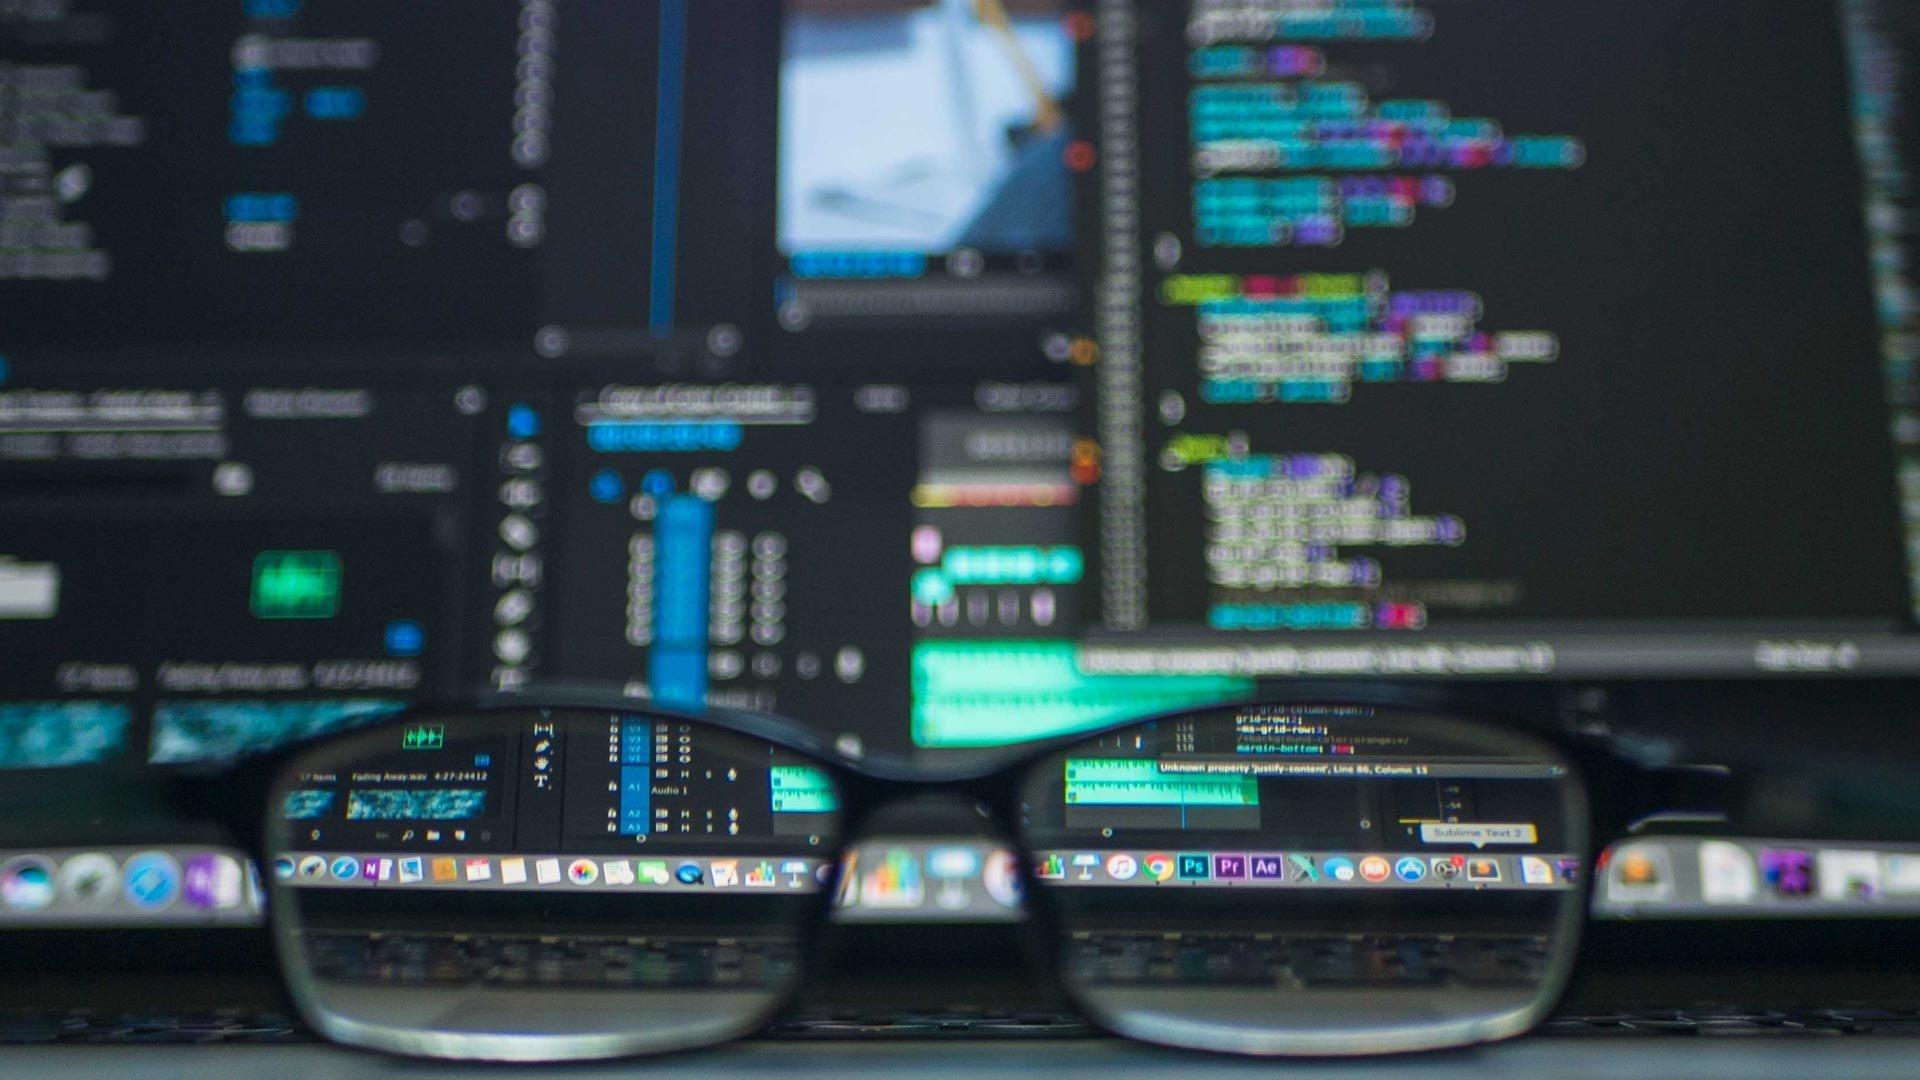 Industria 4.0 | Controllo aumentato grazie a Big Data e IoT